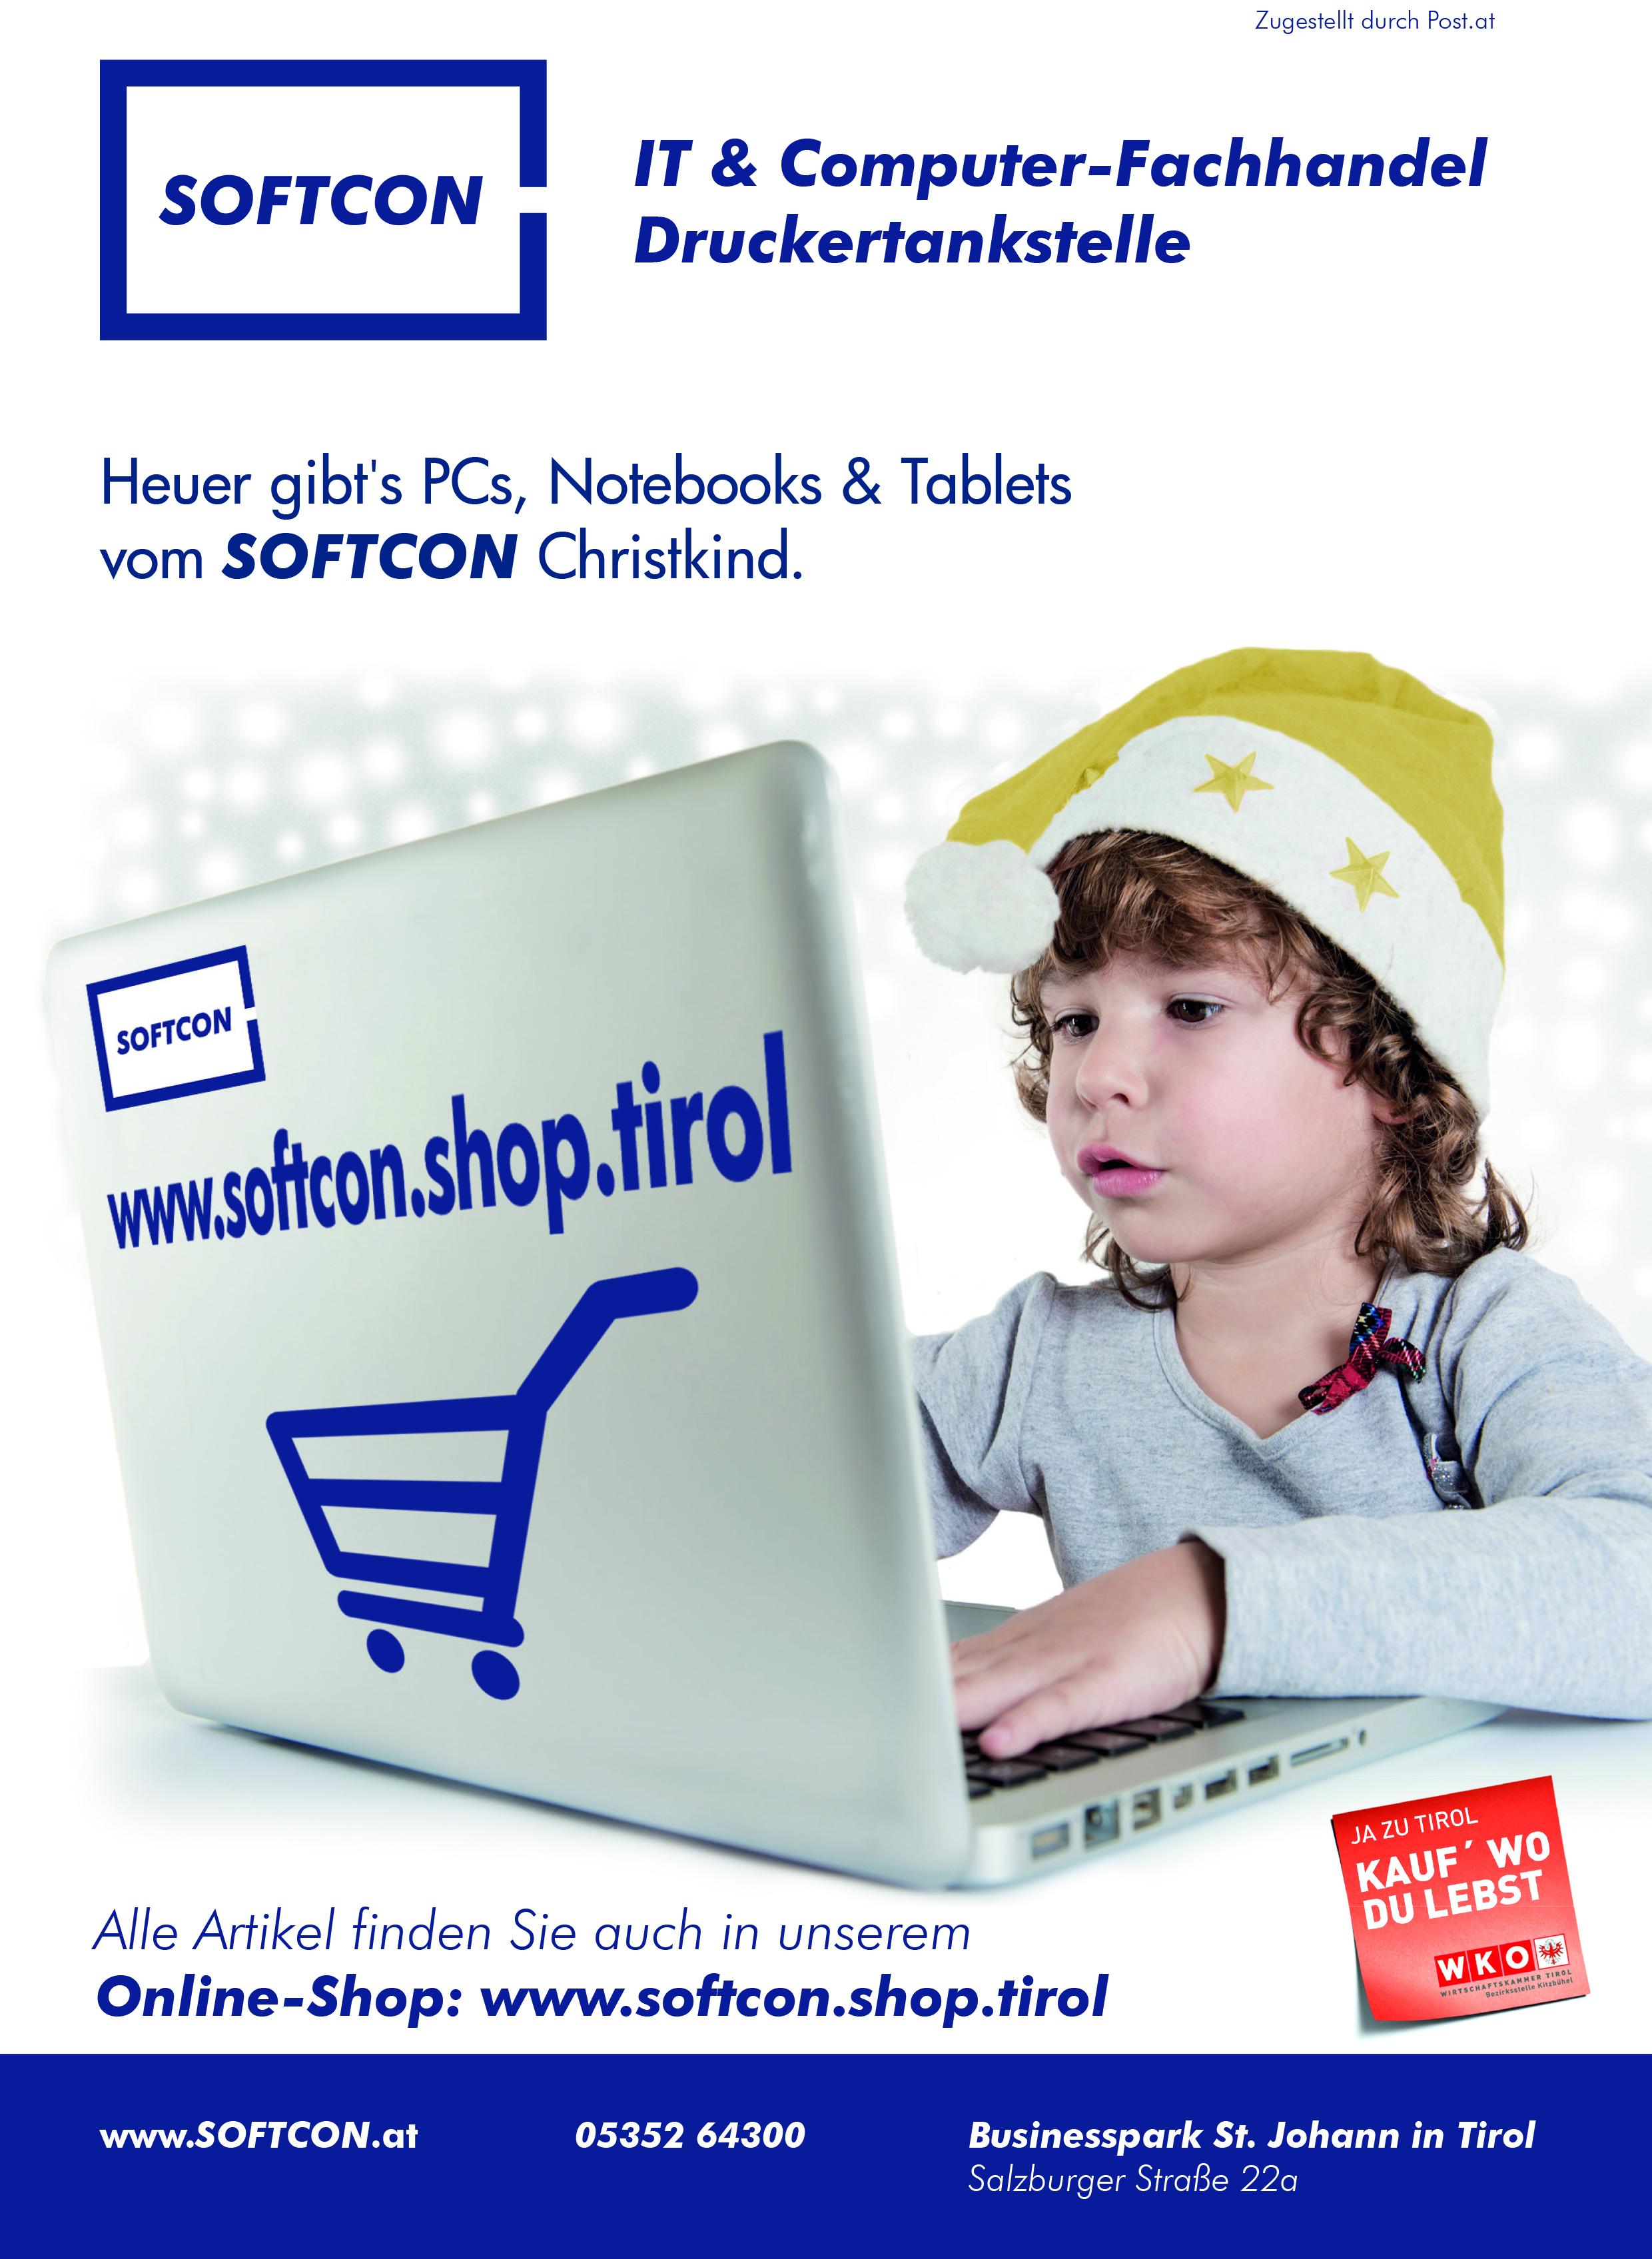 SOFTCON Weihnachtsangebote